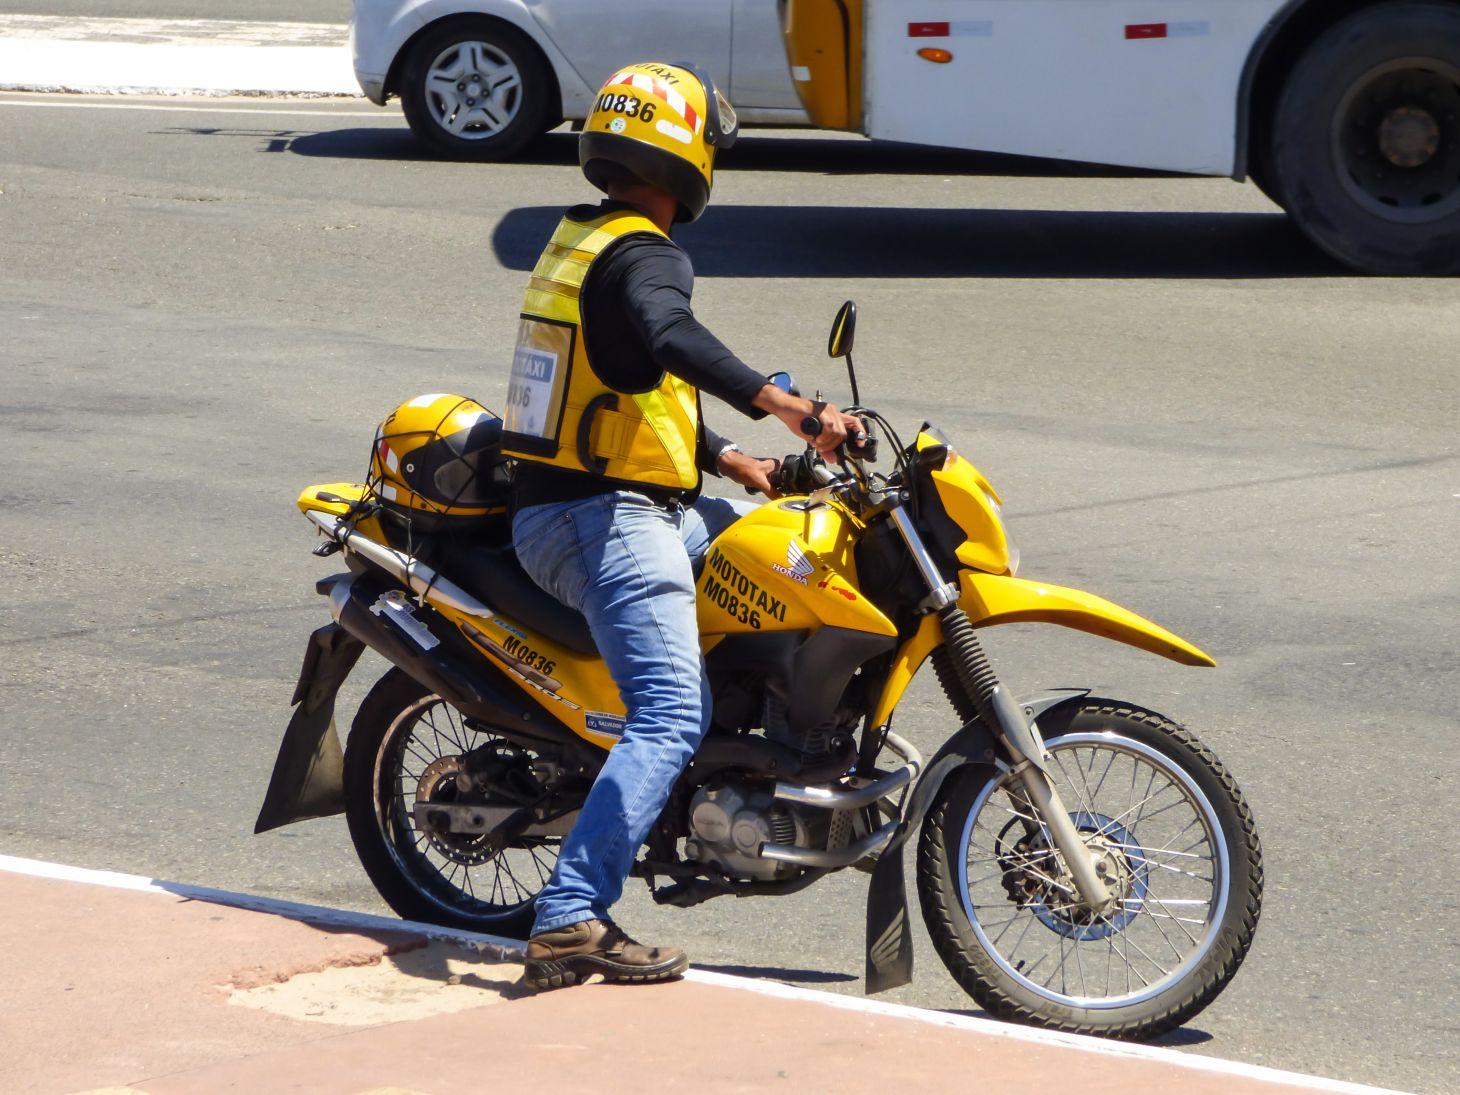 mototaxista encostado no passeio olha para tras em salvador bahia